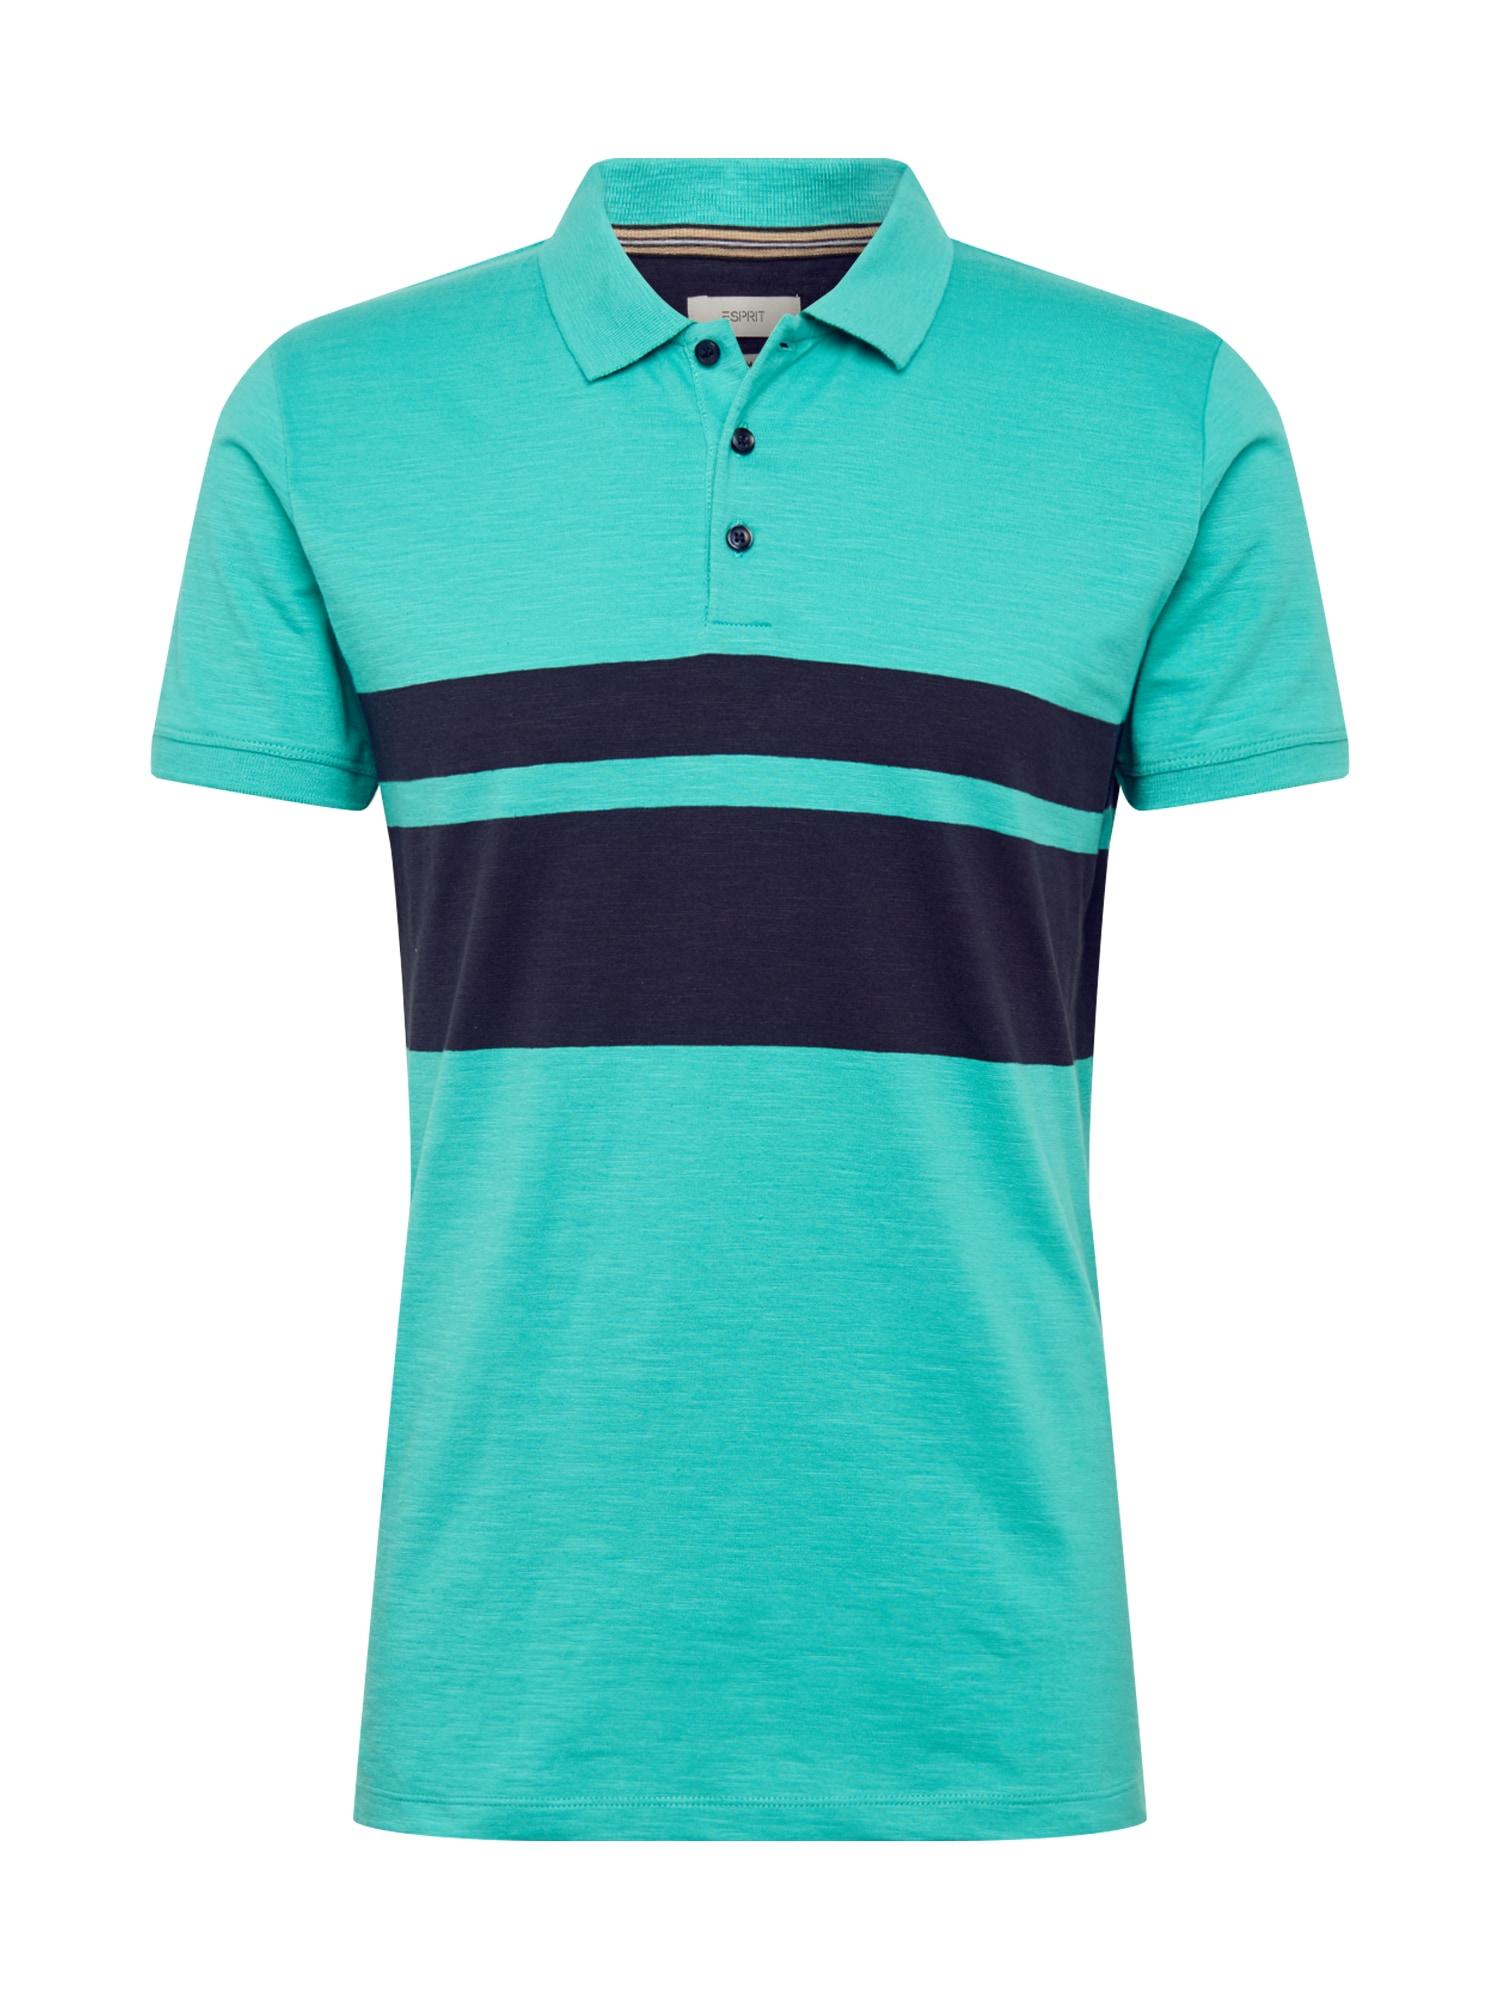 ESPRIT Marškinėliai tamsiai mėlyna / turkio spalva